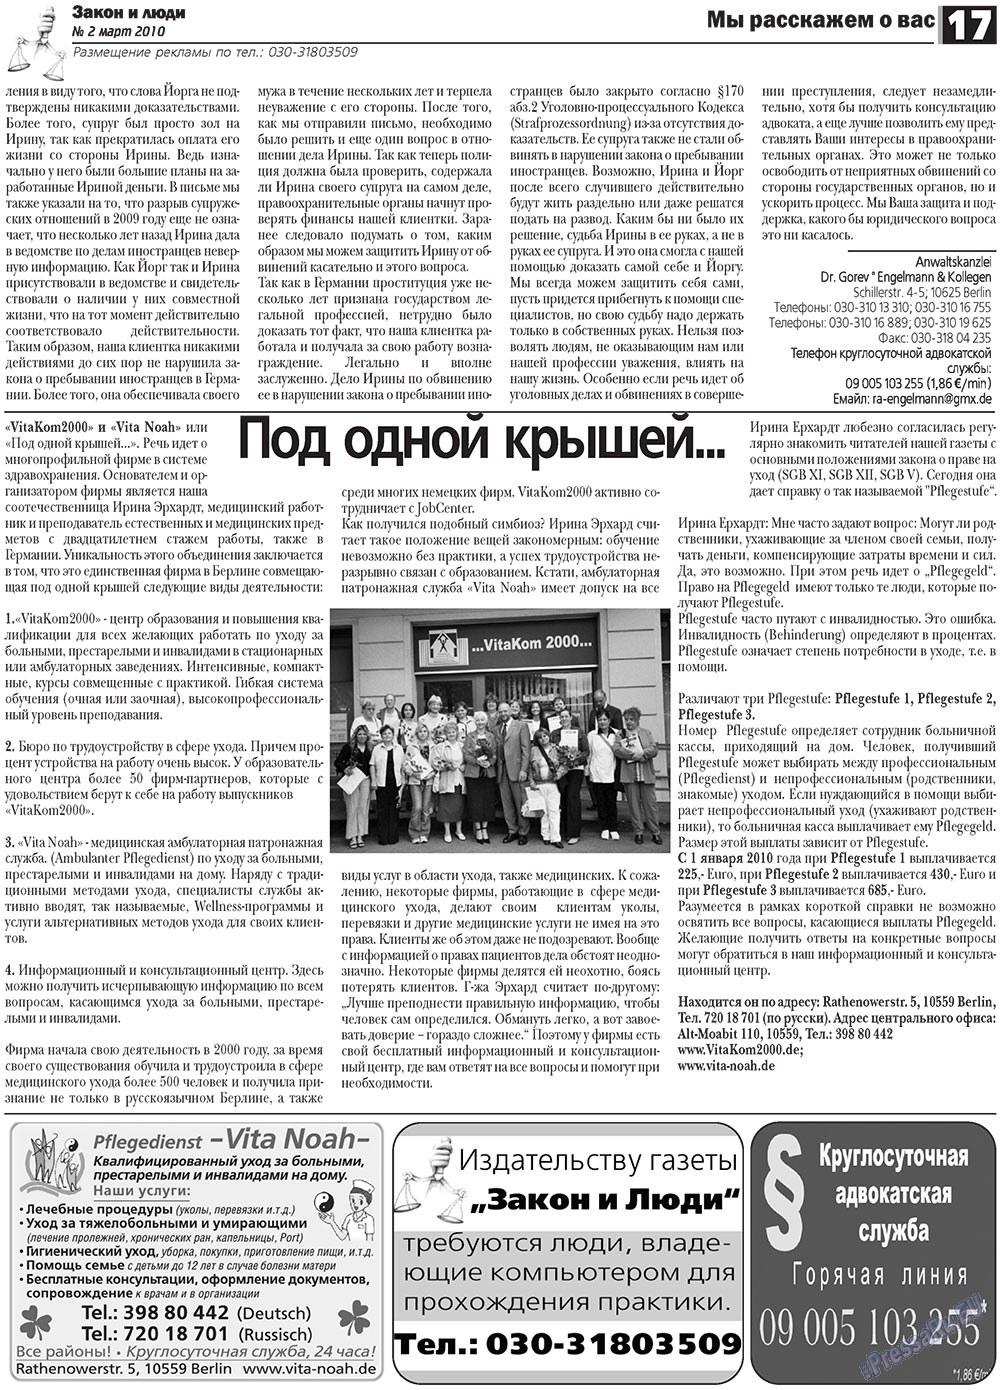 Закон и люди (газета). 2010 год, номер 2, стр. 17